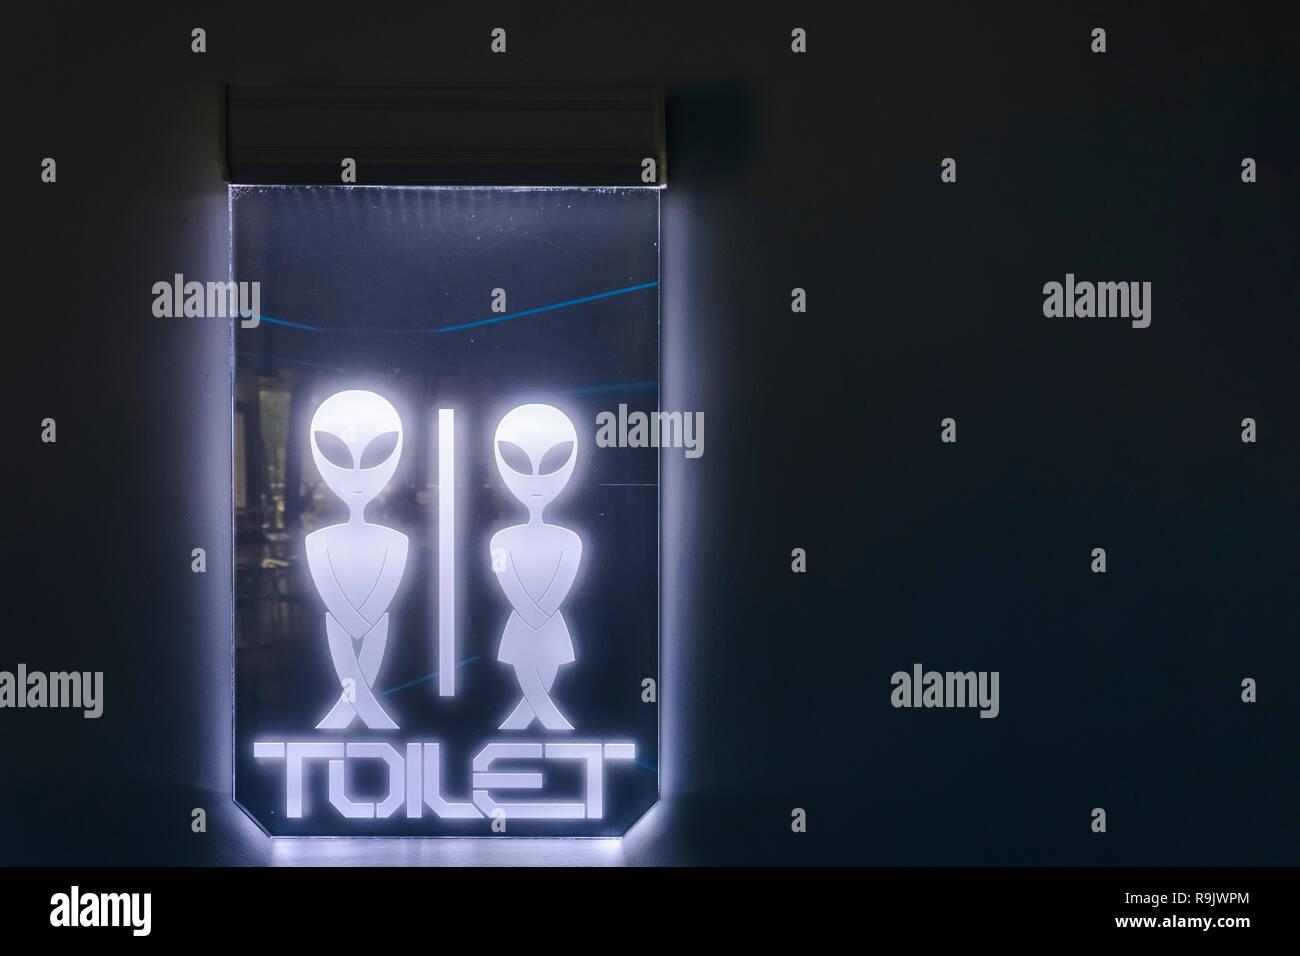 Illuminated alien sign, futuriistic alien toilet sign Stock Photo